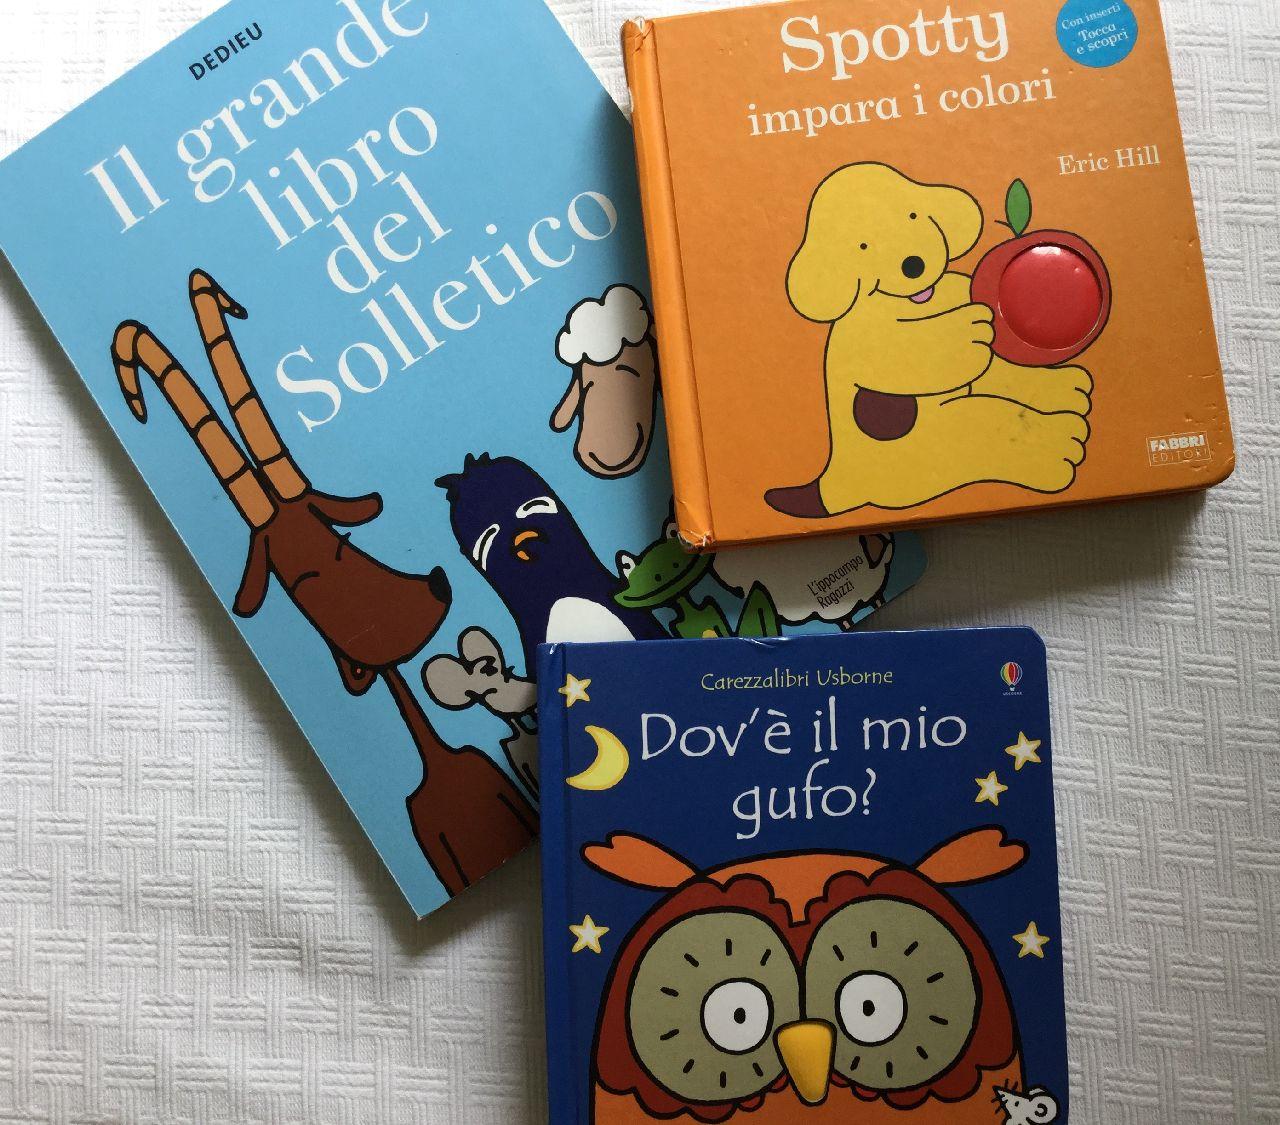 Libri tattili - Scaffale Basso